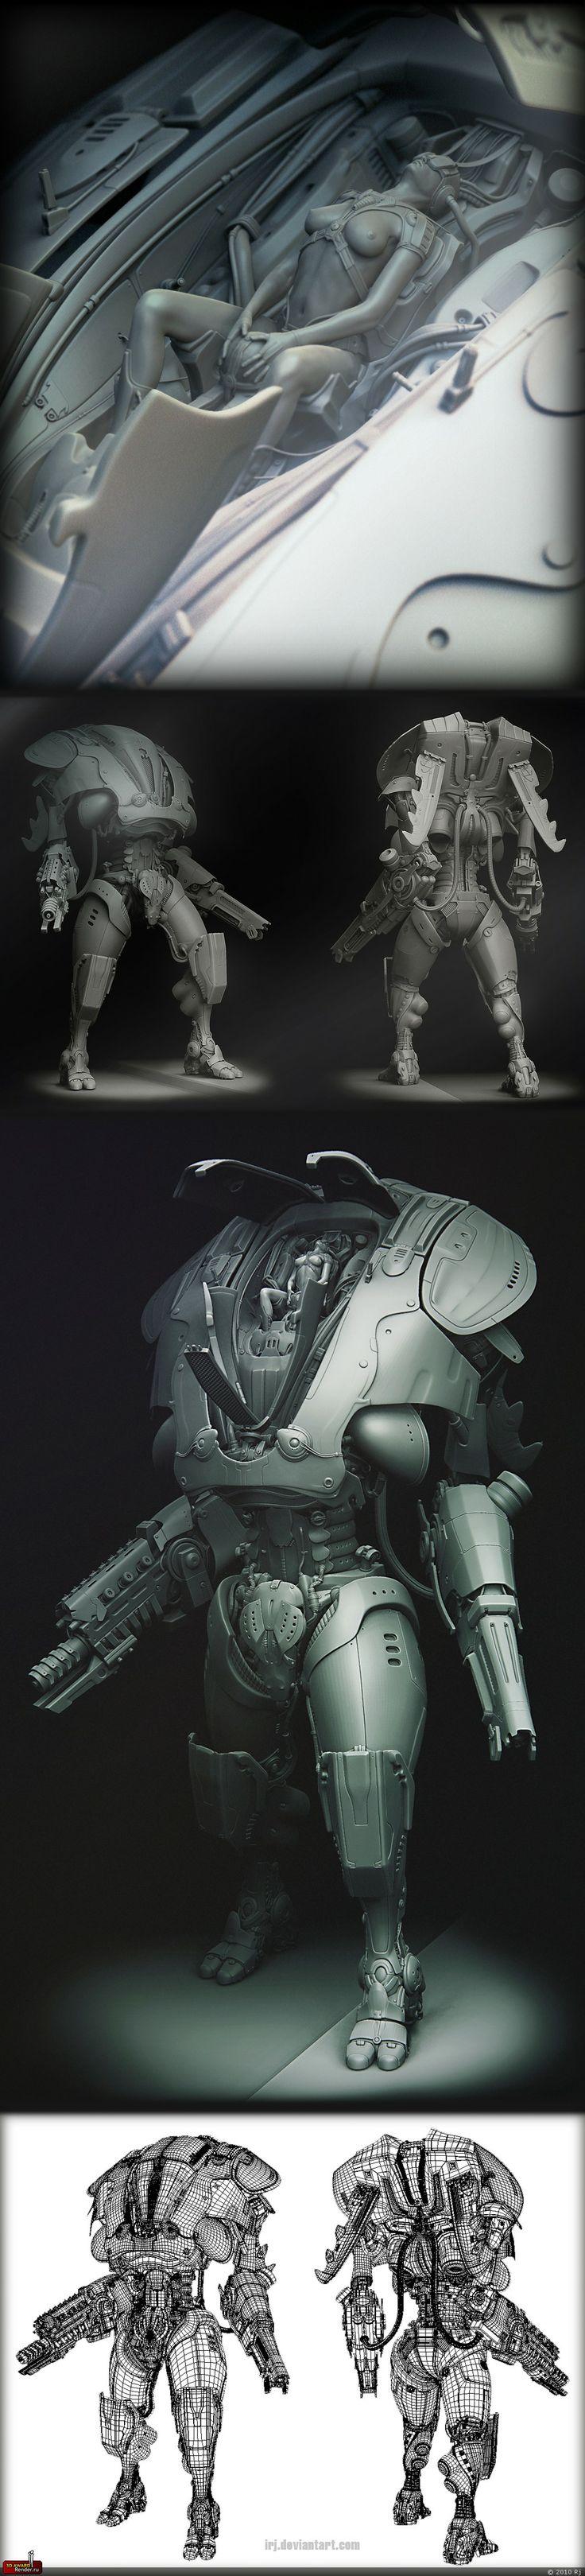 Freakin' amazing 3d modeling